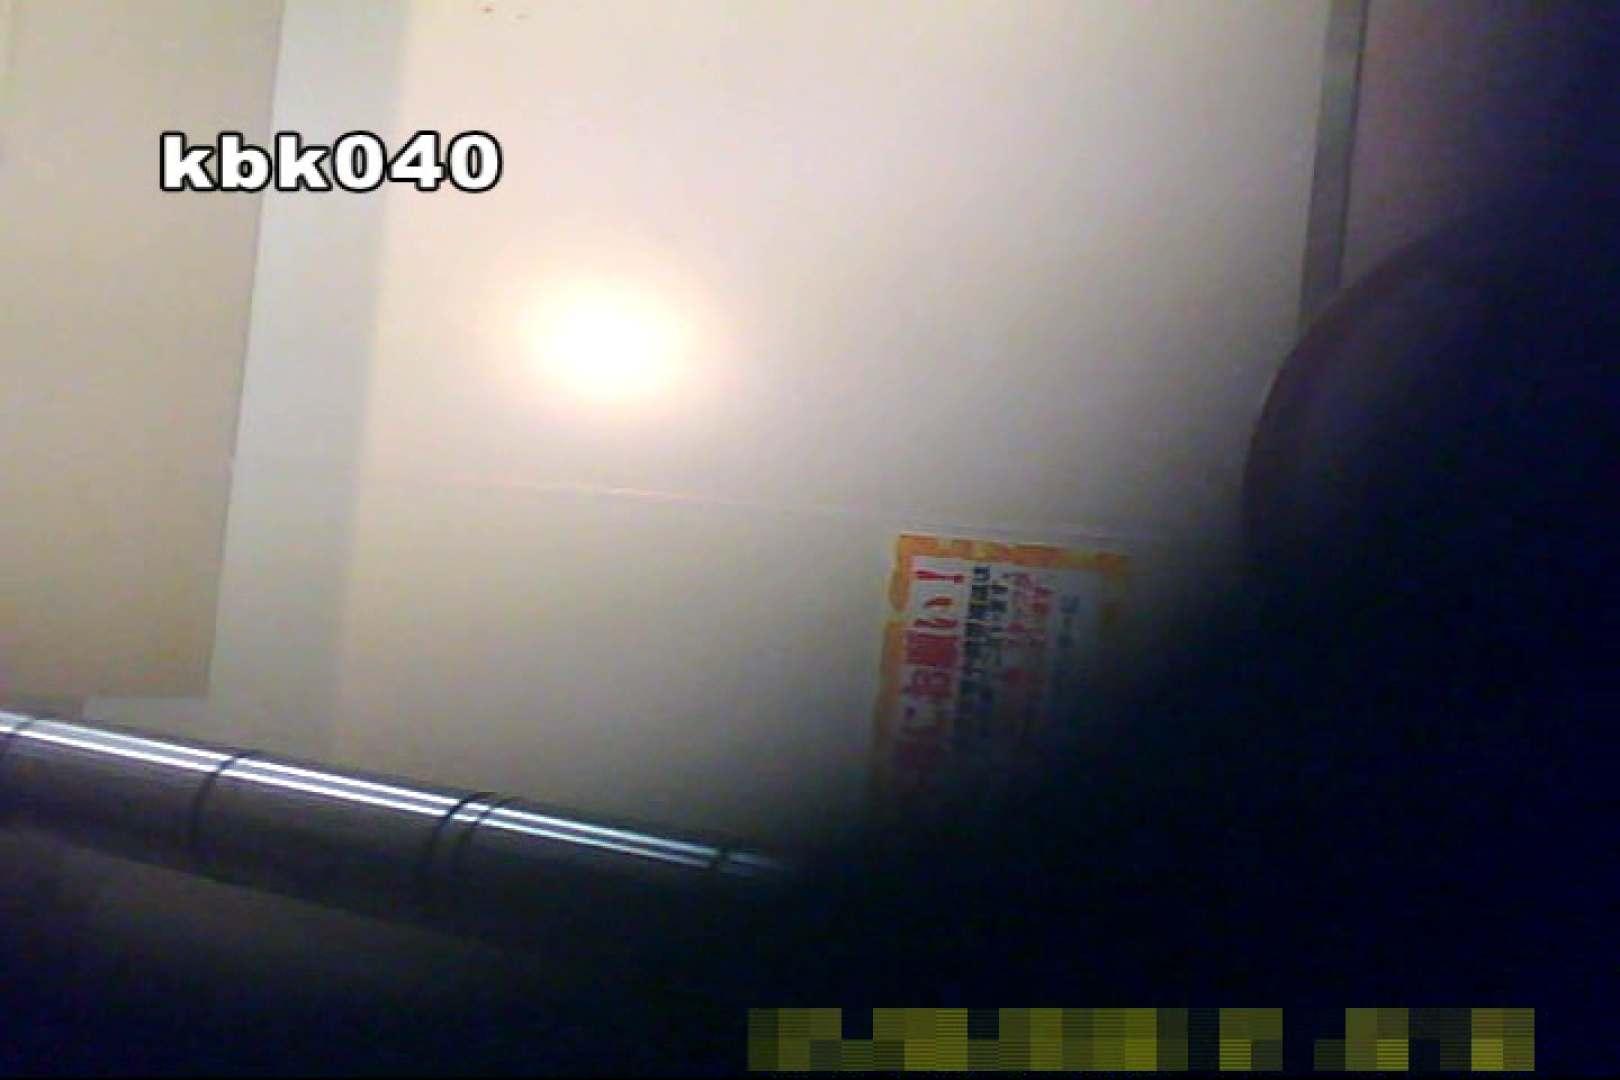 大切なことなので違う角度から2度眺めてみた vol.040 洗面所のぞき オマンコ無修正動画無料 112枚 79